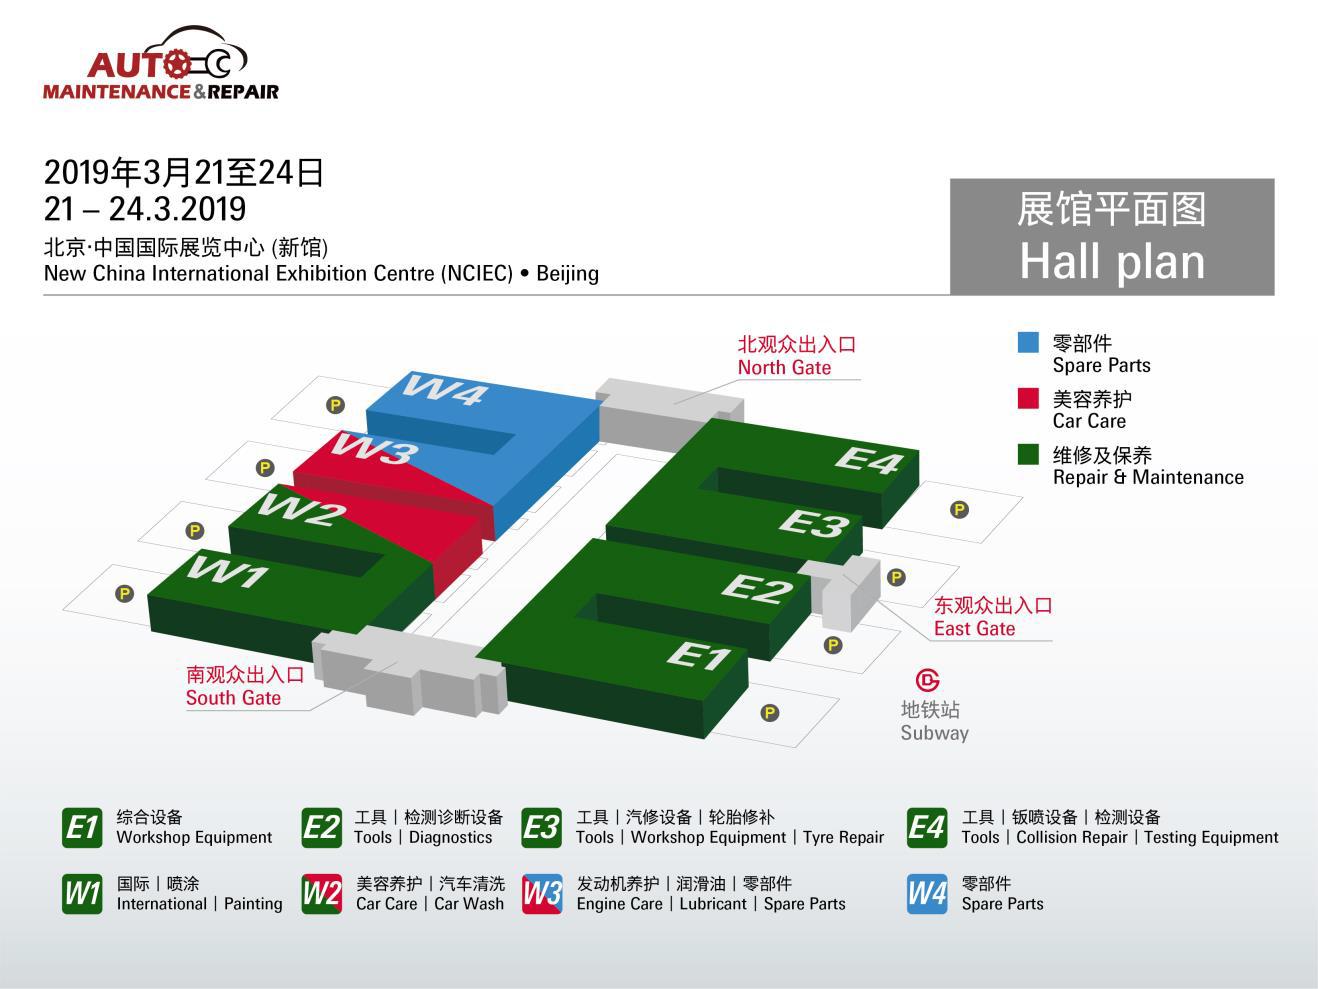 北京展會-展館示意圖